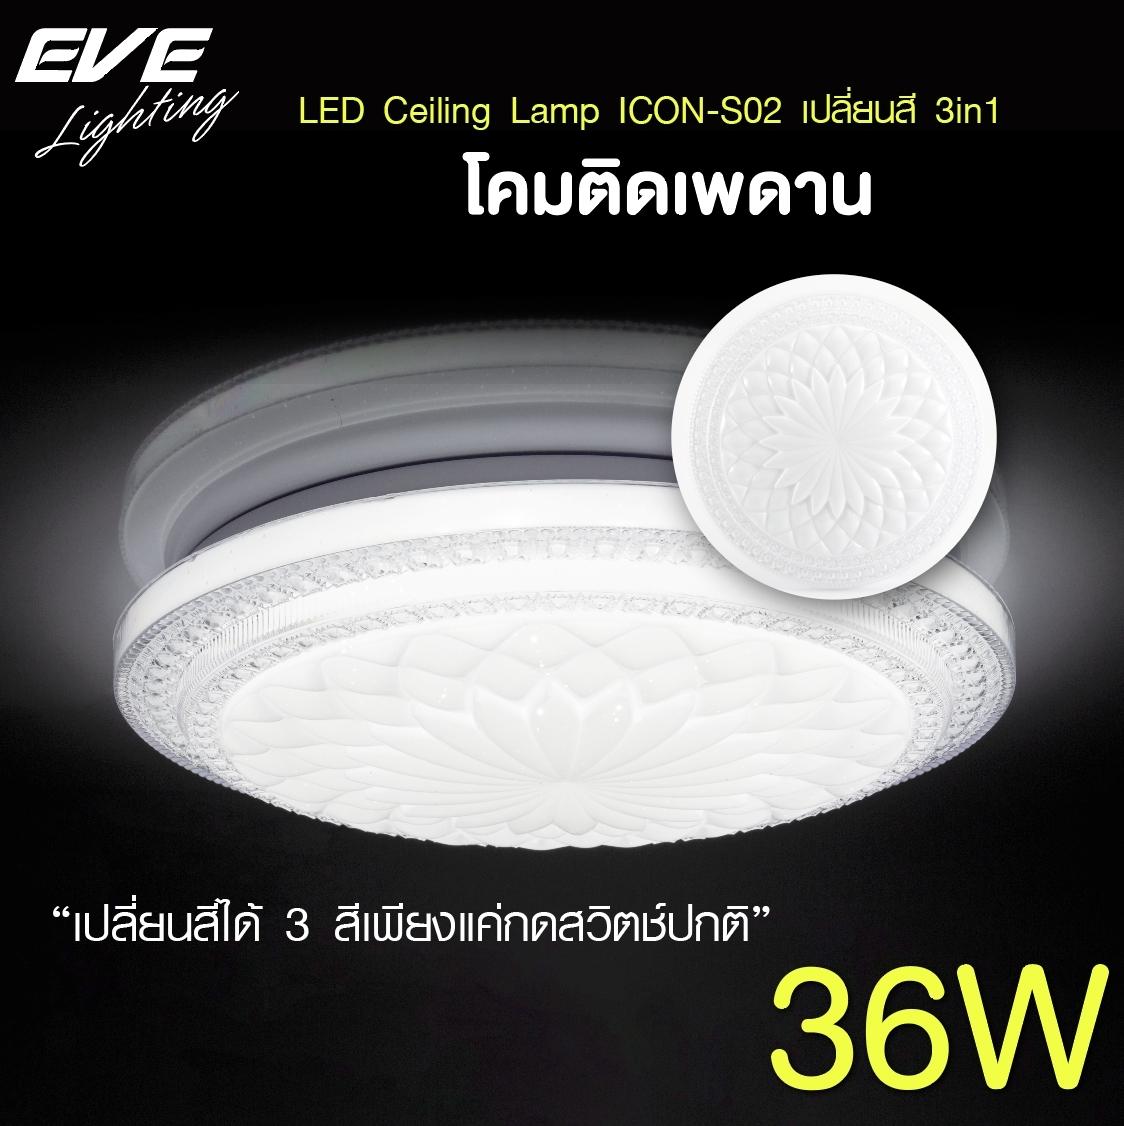 LED Ceiling S02 โคมเพดานแอลอีดี เปลี่ยนสีได้ 3 สี แสงขาวเดย์ไลท์  แสงคลูไวท์ขาวนวล และแสงเหลืองวอร์มไวท์ หรี่แสง เปิด-ปิด ด้วยสวิตซ์ ปิด-เปิด ทั่วไป ขนาด 36W